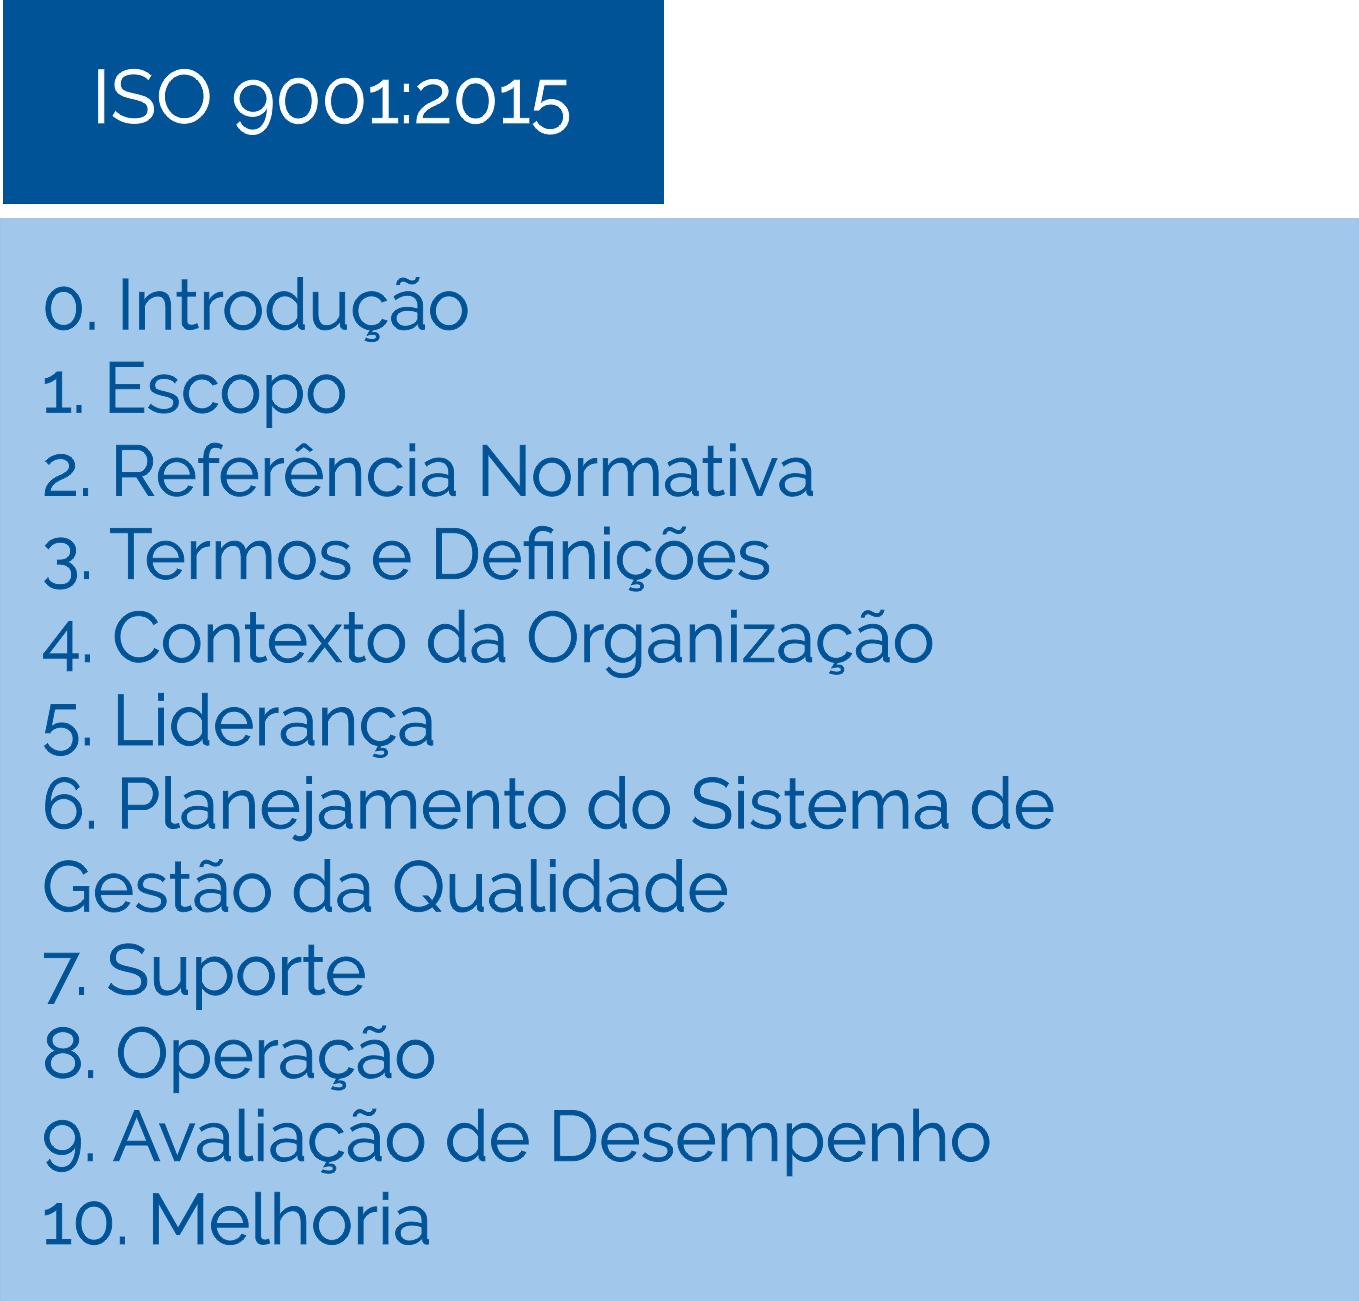 10 Passos ISO 9001